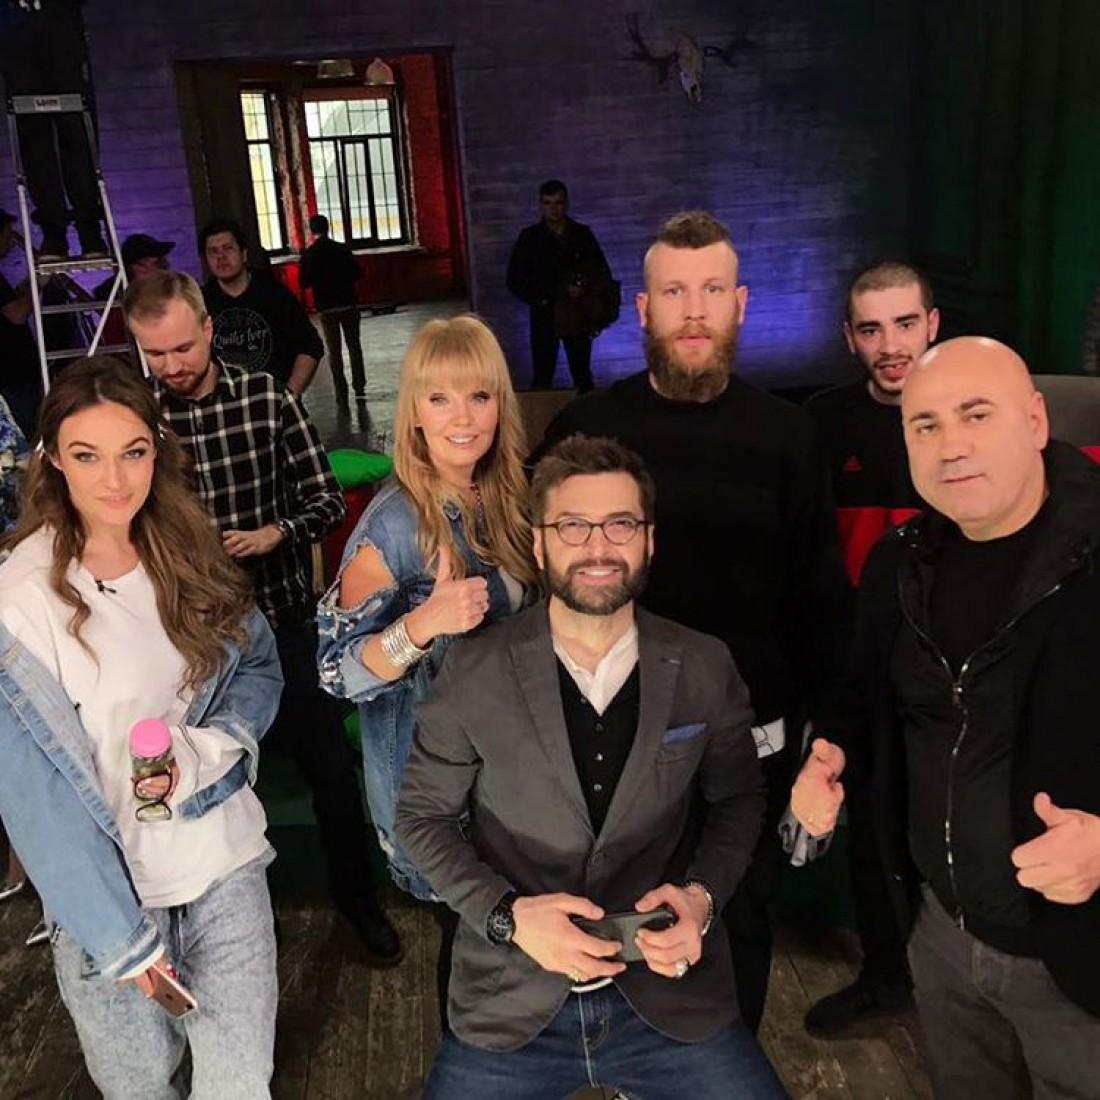 Валерия, Алена Водонаева, Иван Дорн, Иосиф Пригожин